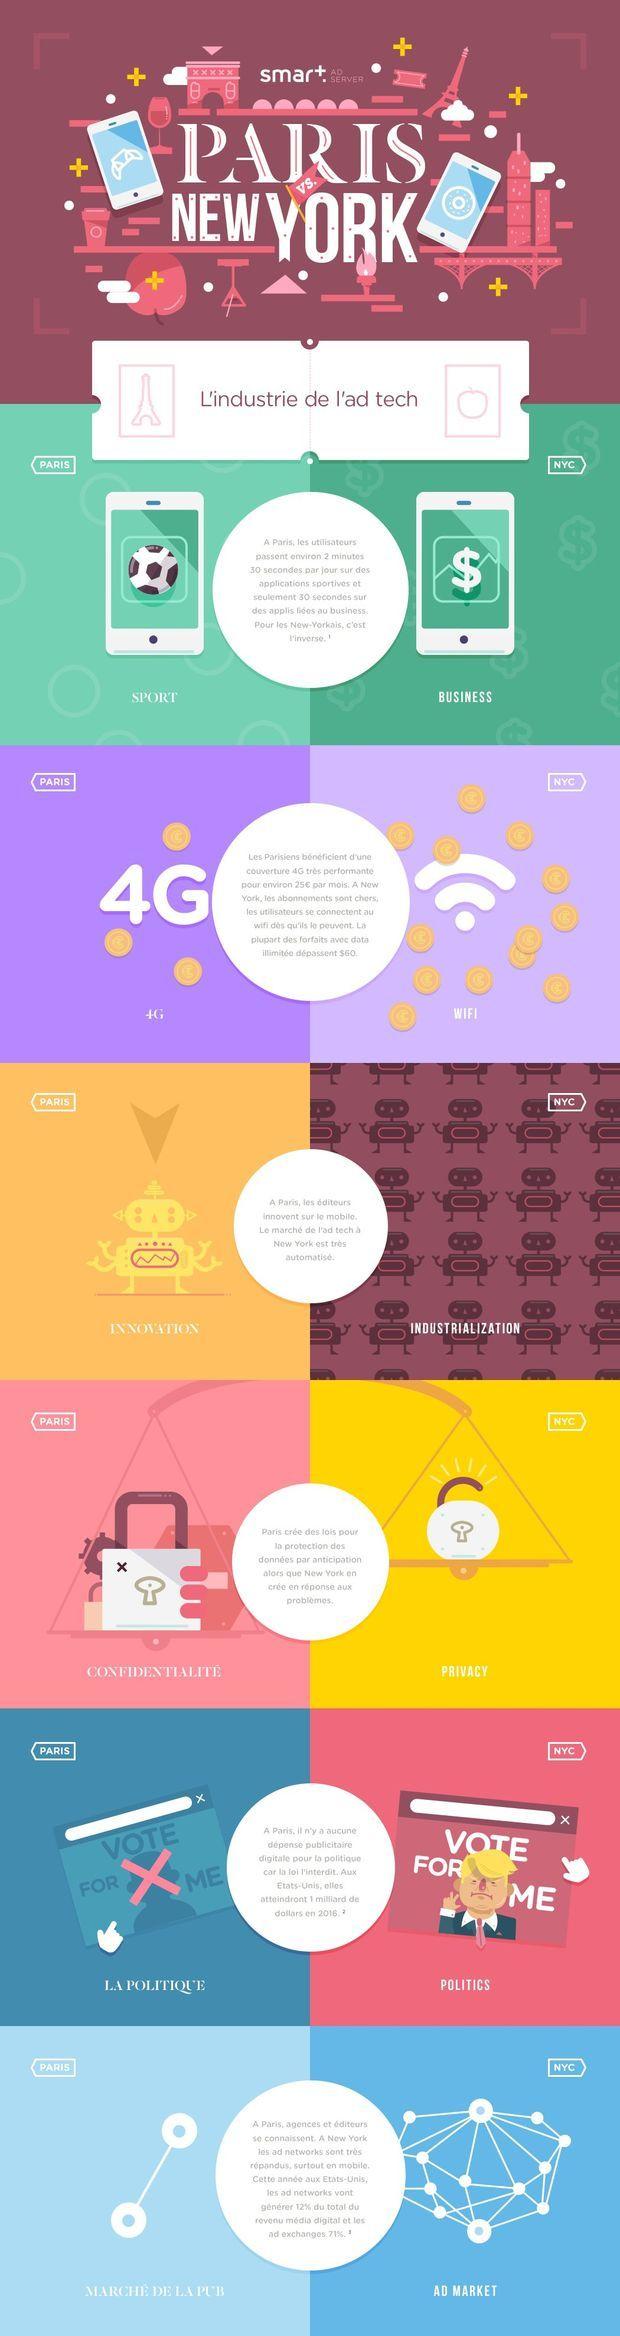 Inspirée par Paris vs New York de Vahram Muratyan, cette infographie compare Paris et New York dans leur pratique respective de l'ad tech